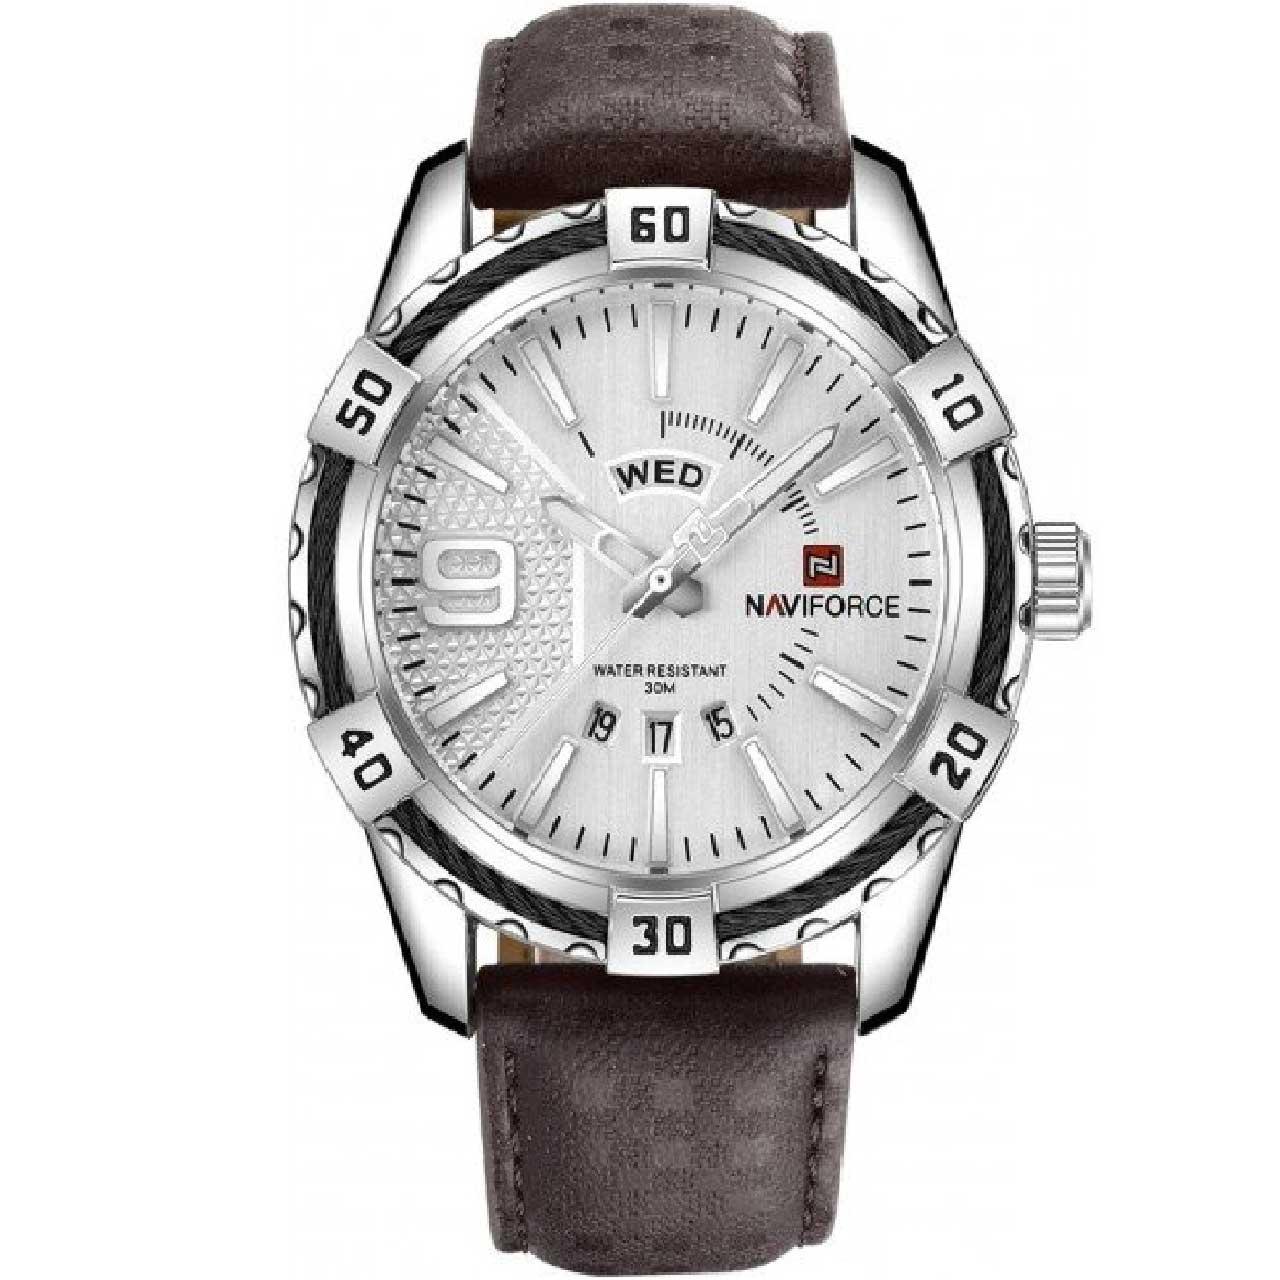 ساعت مچی عقربه ای مردانه نیوی فورس مدل NF9117LSW